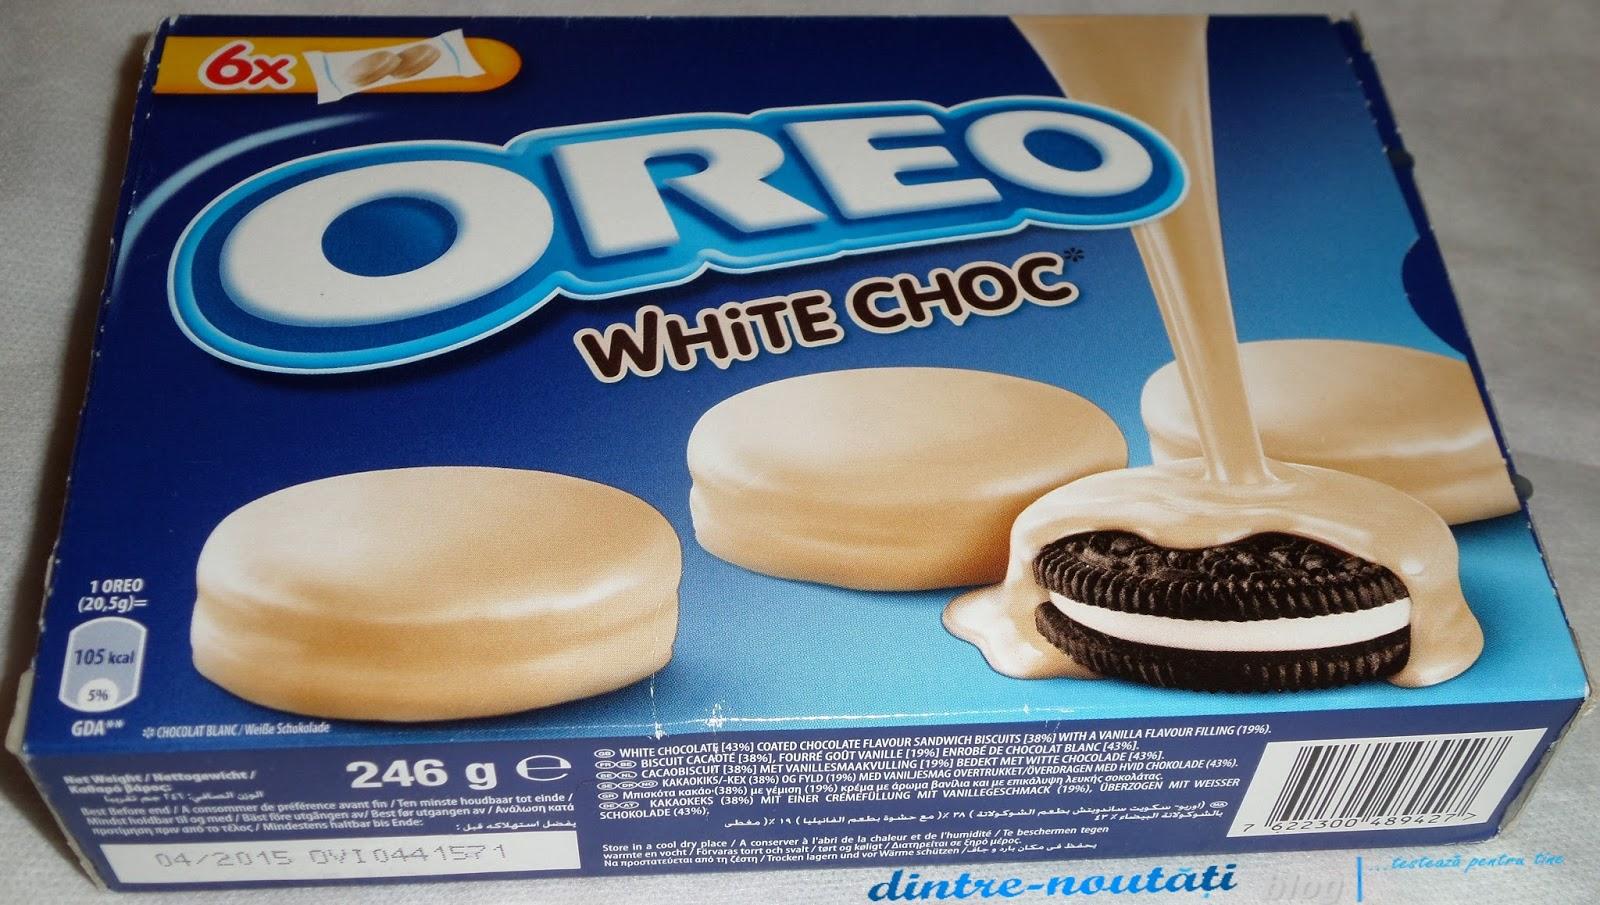 Biscuiți glazurați cu ciocolată albă (43%), aromă de ciocolată (38%) și umplutură cremă de vanilie (19%).